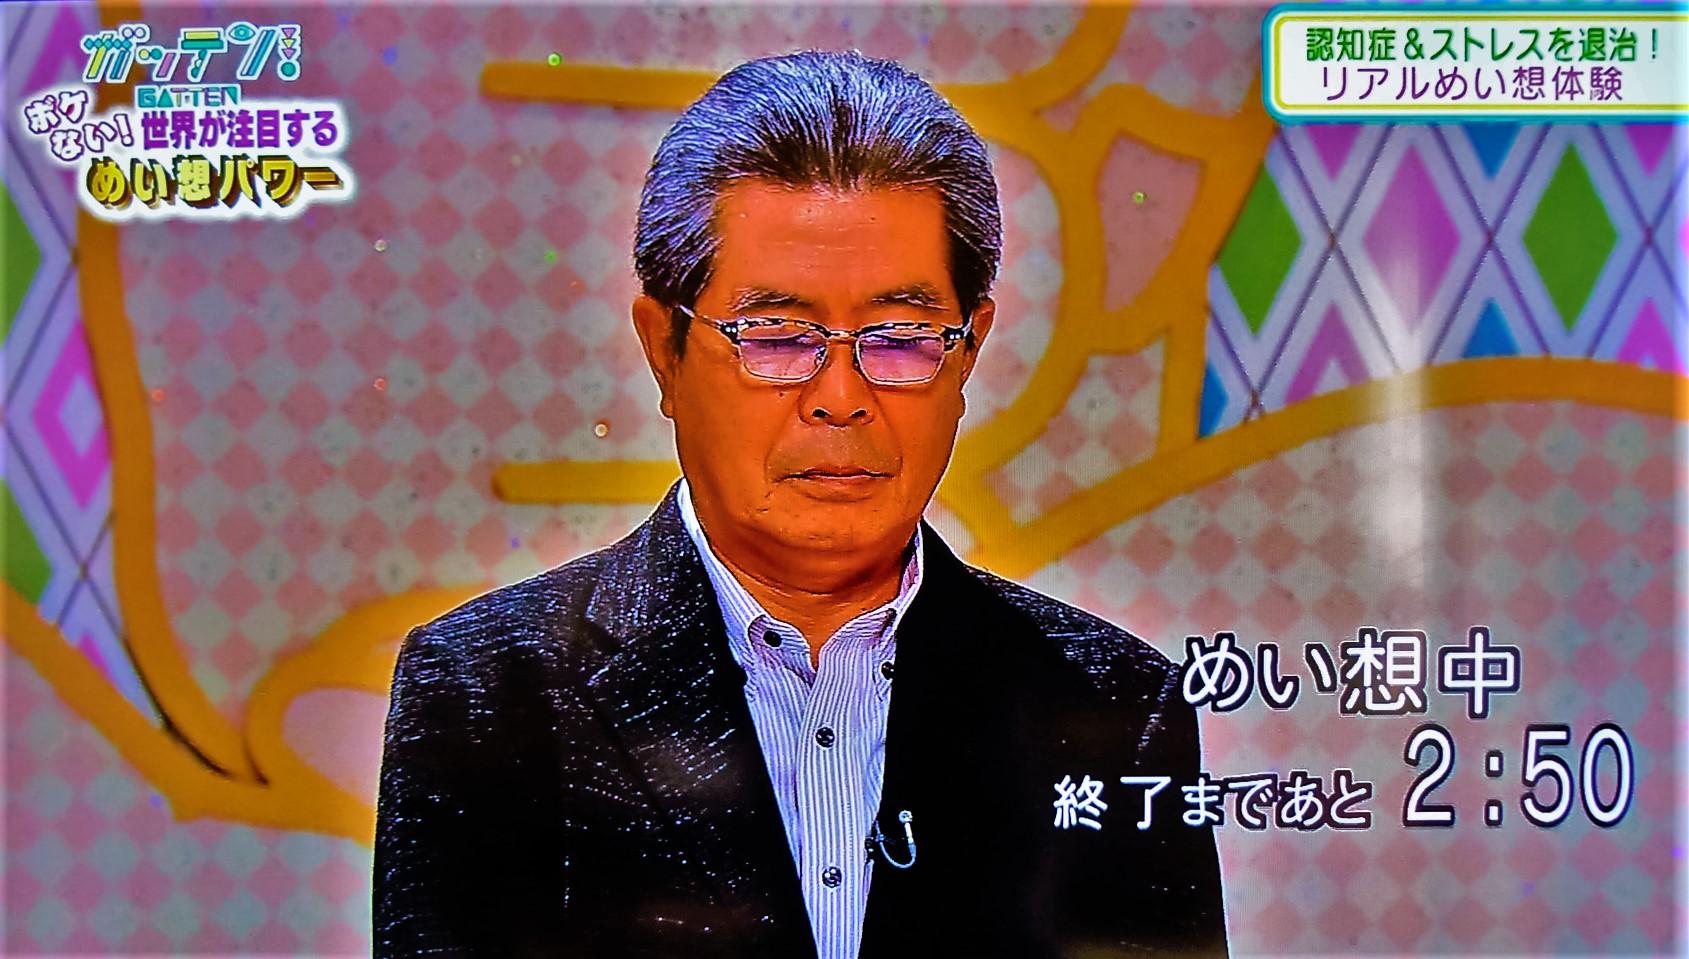 NHKで放送されたこの番組が前代未聞のマジキチ内容でクソワロタwwwwwwwwwwwwwwwwwww